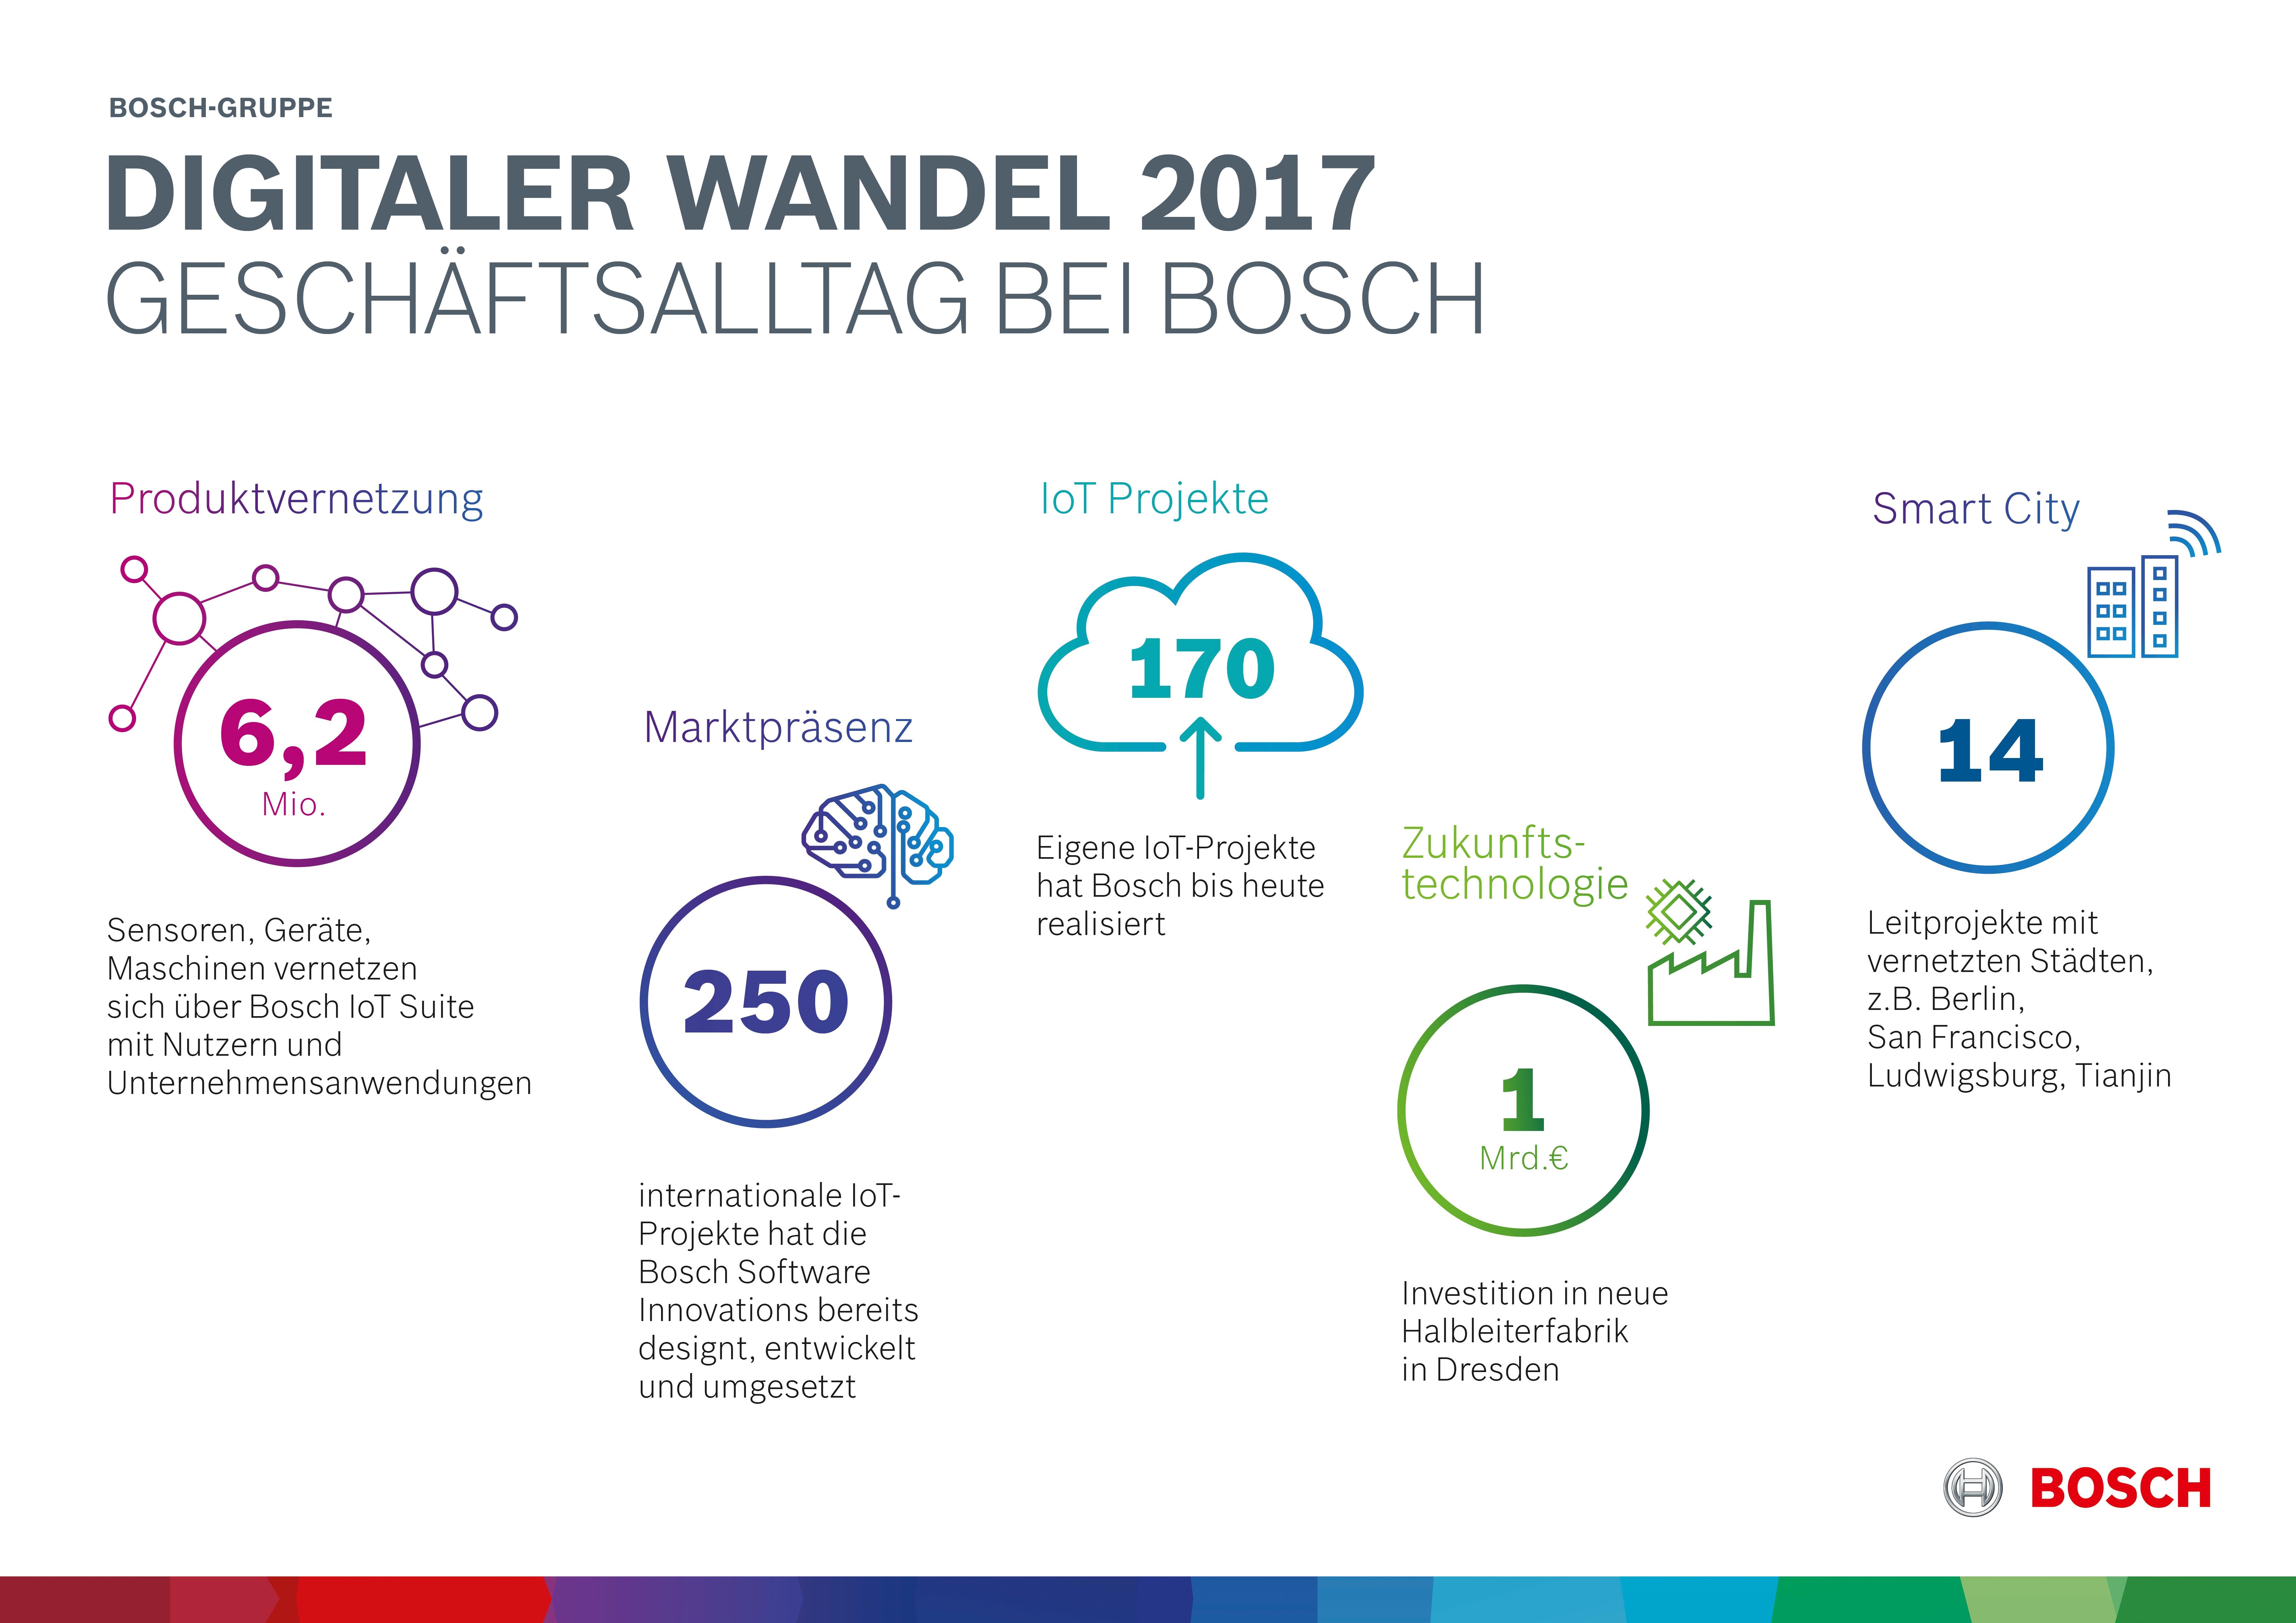 Digitaler Wandel 2017: Geschäftsalltag bei Bosch